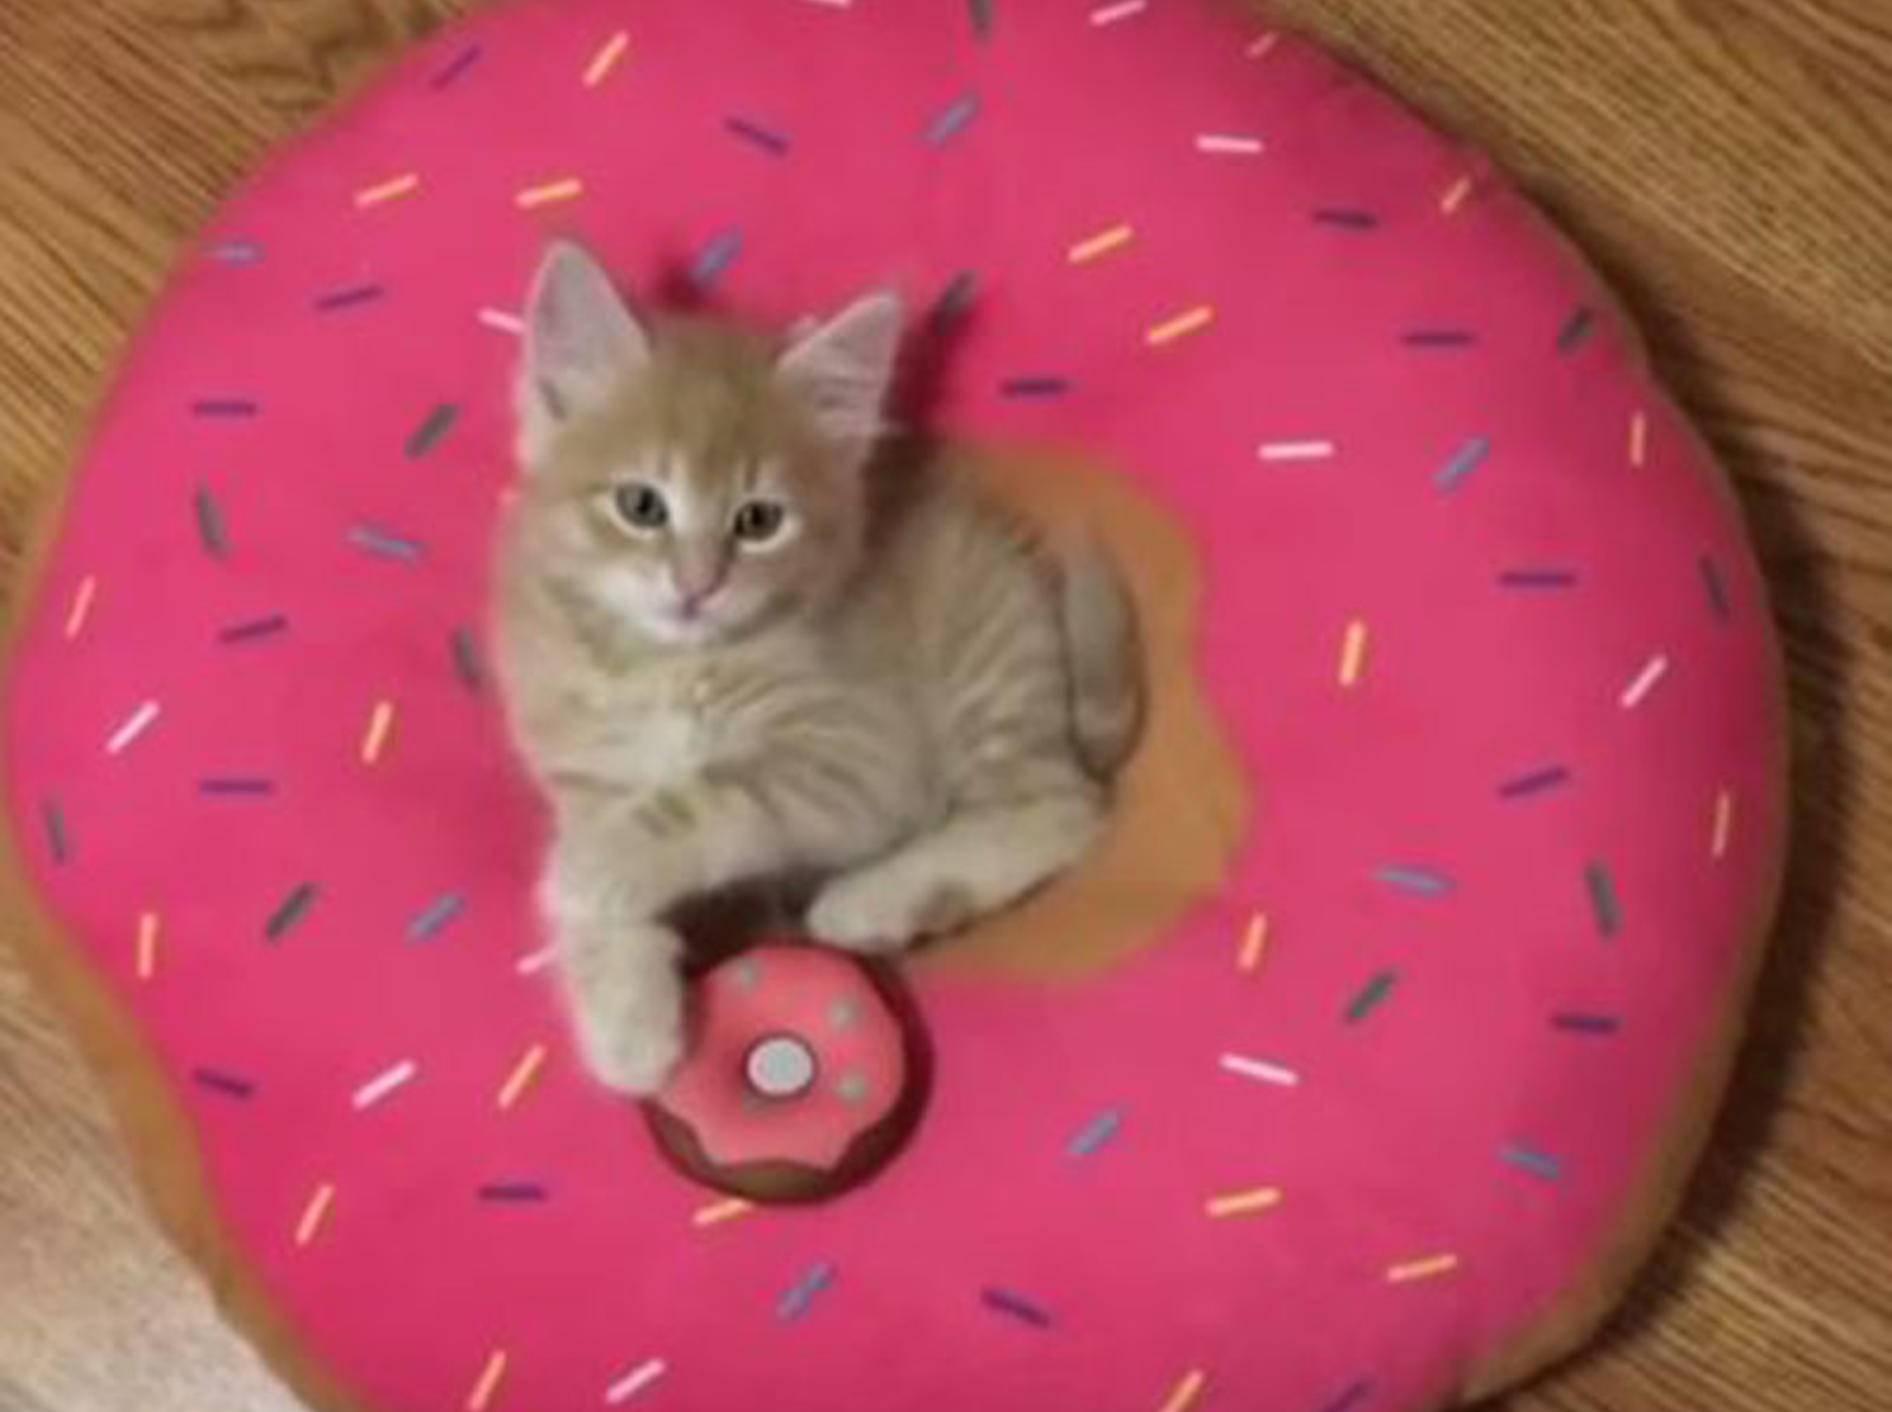 Babykatze Stanley macht es sich in seinem Donut-Kissen gemütlich - Bild: YouTube / Love Meow